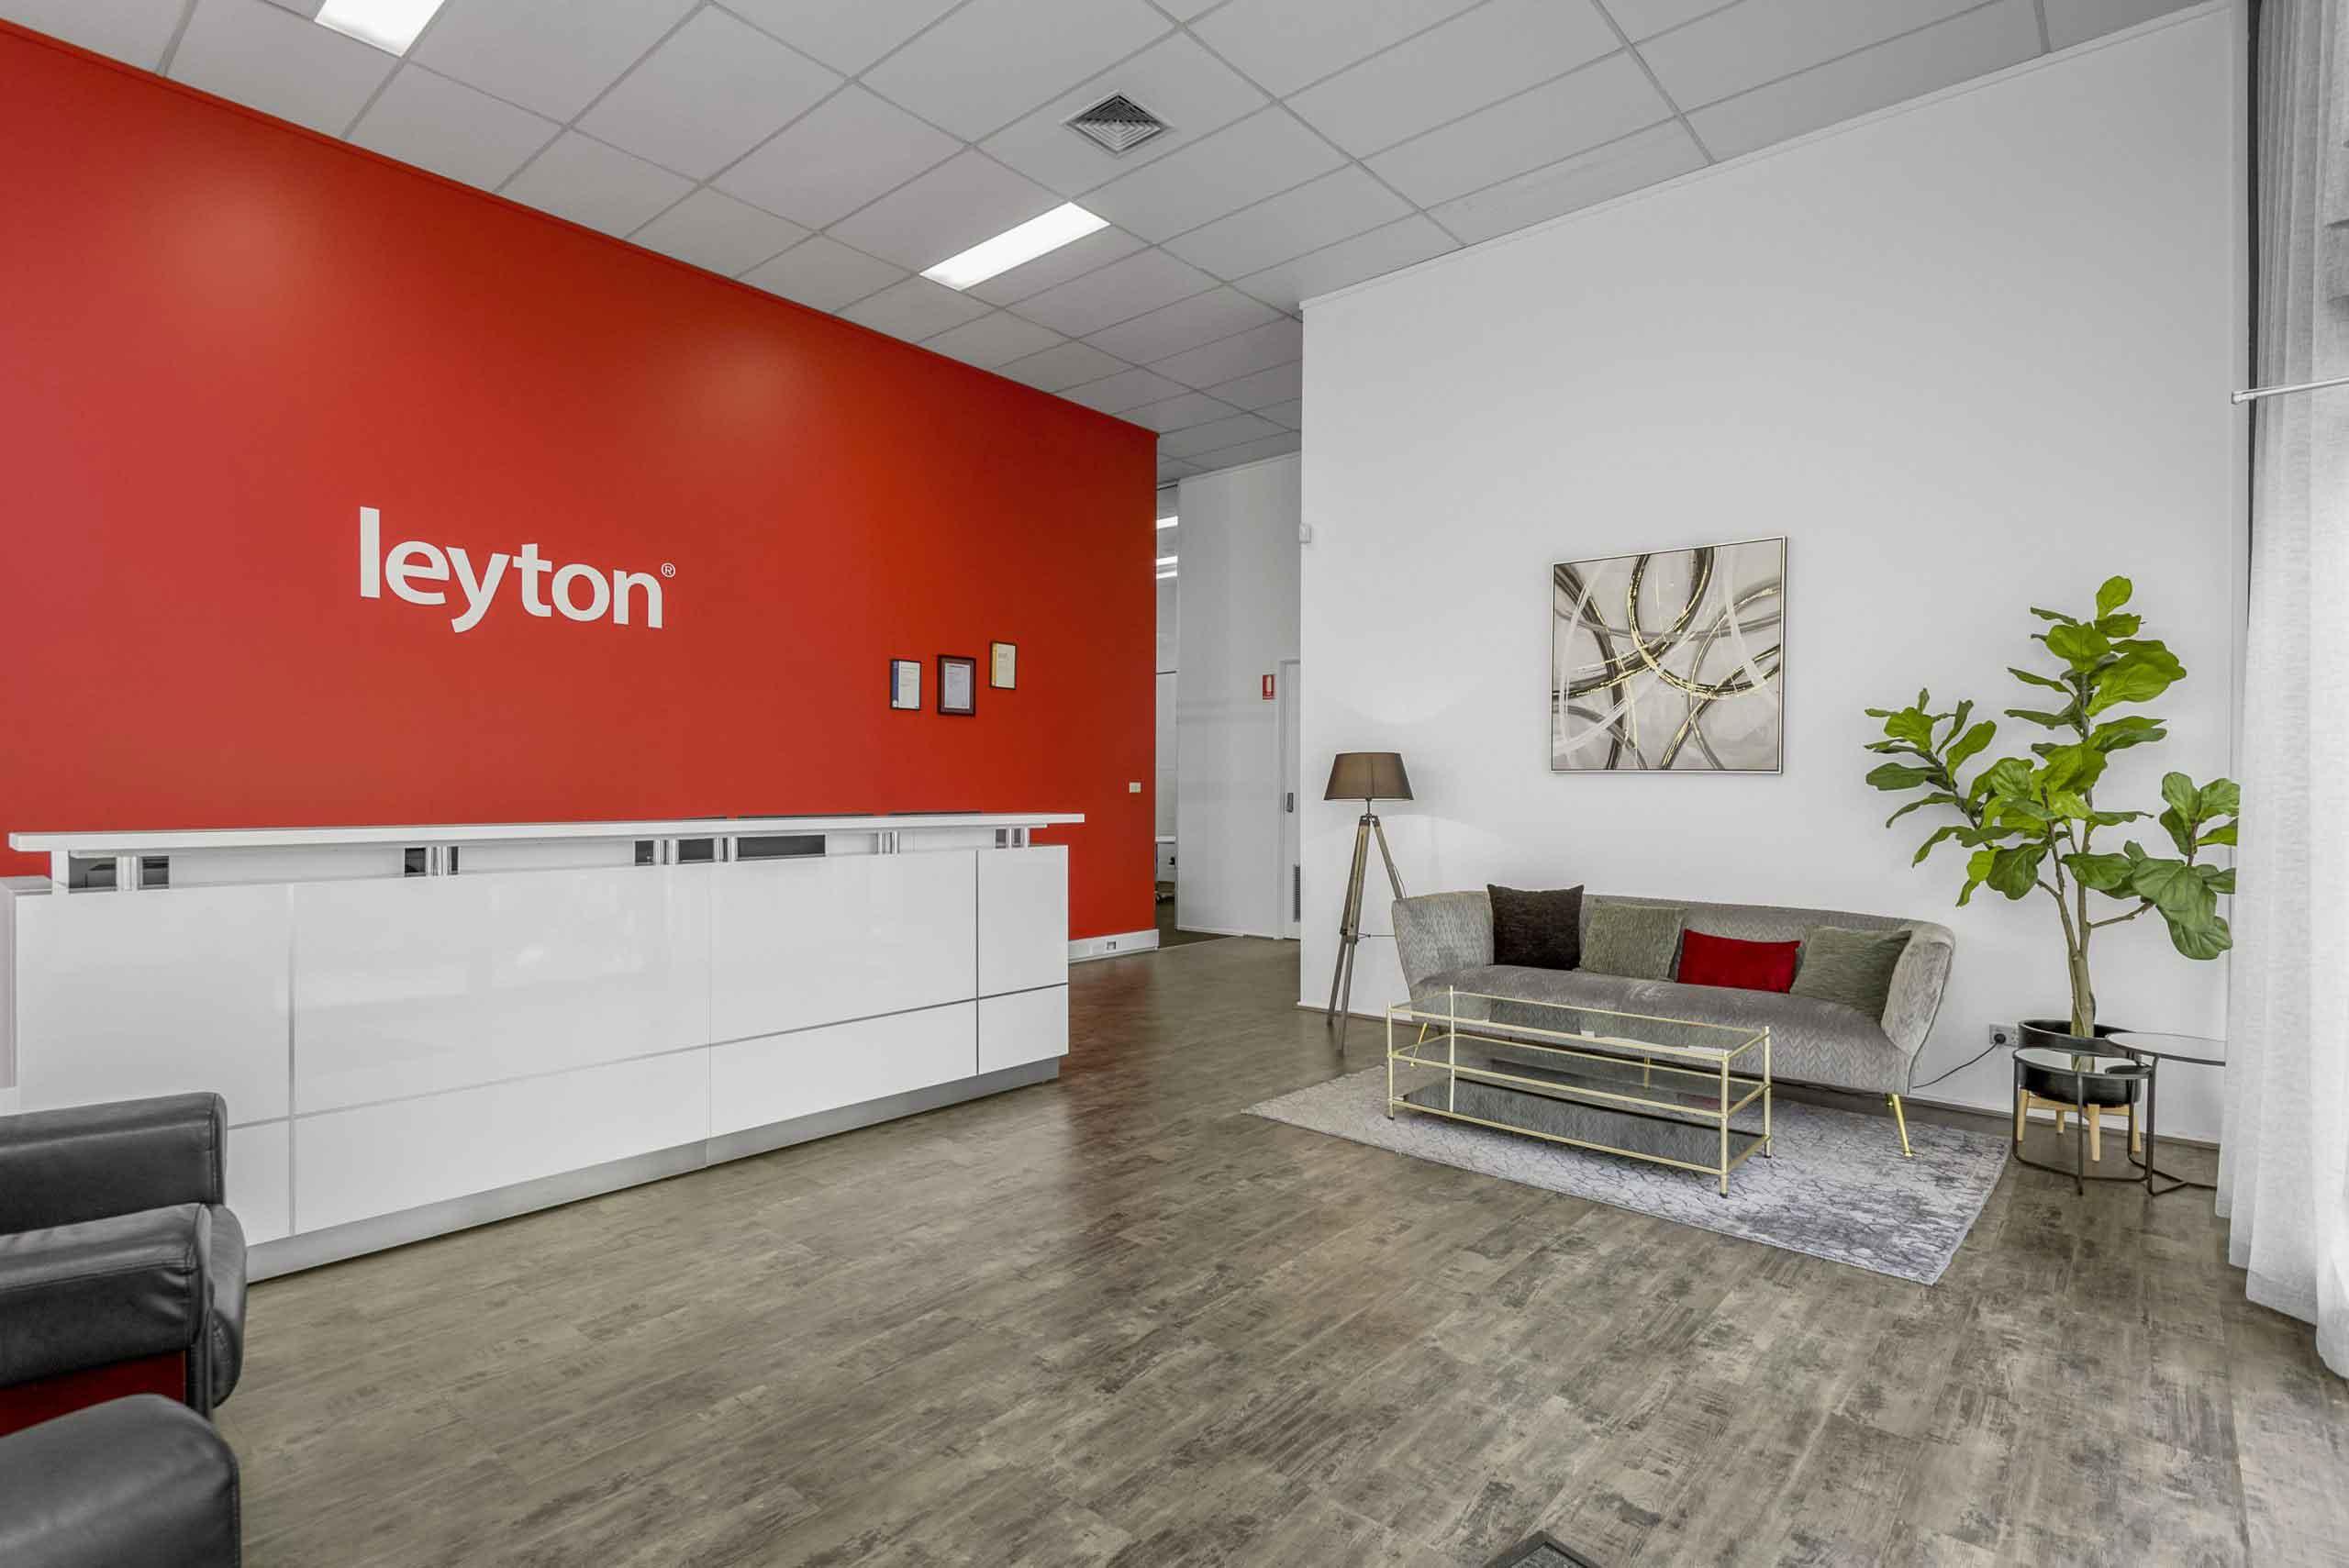 Leyton Real Estate - (03) 9547 0345